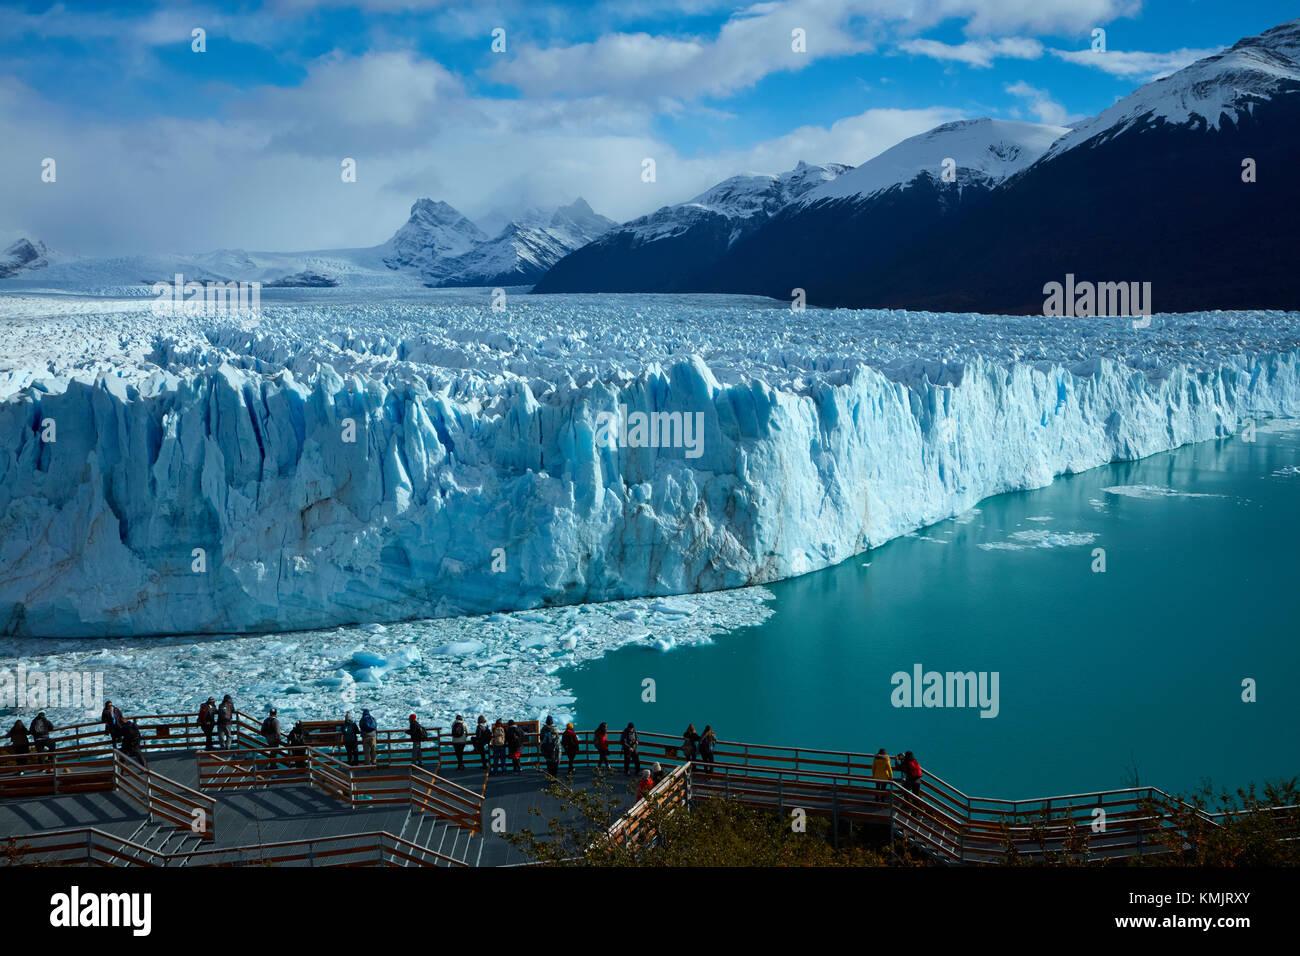 Les touristes en promenade et le glacier Perito Moreno, Parque Nacional Los Glaciares (zone du patrimoine mondial), Patagonie, Argentine, Amérique du Sud Banque D'Images